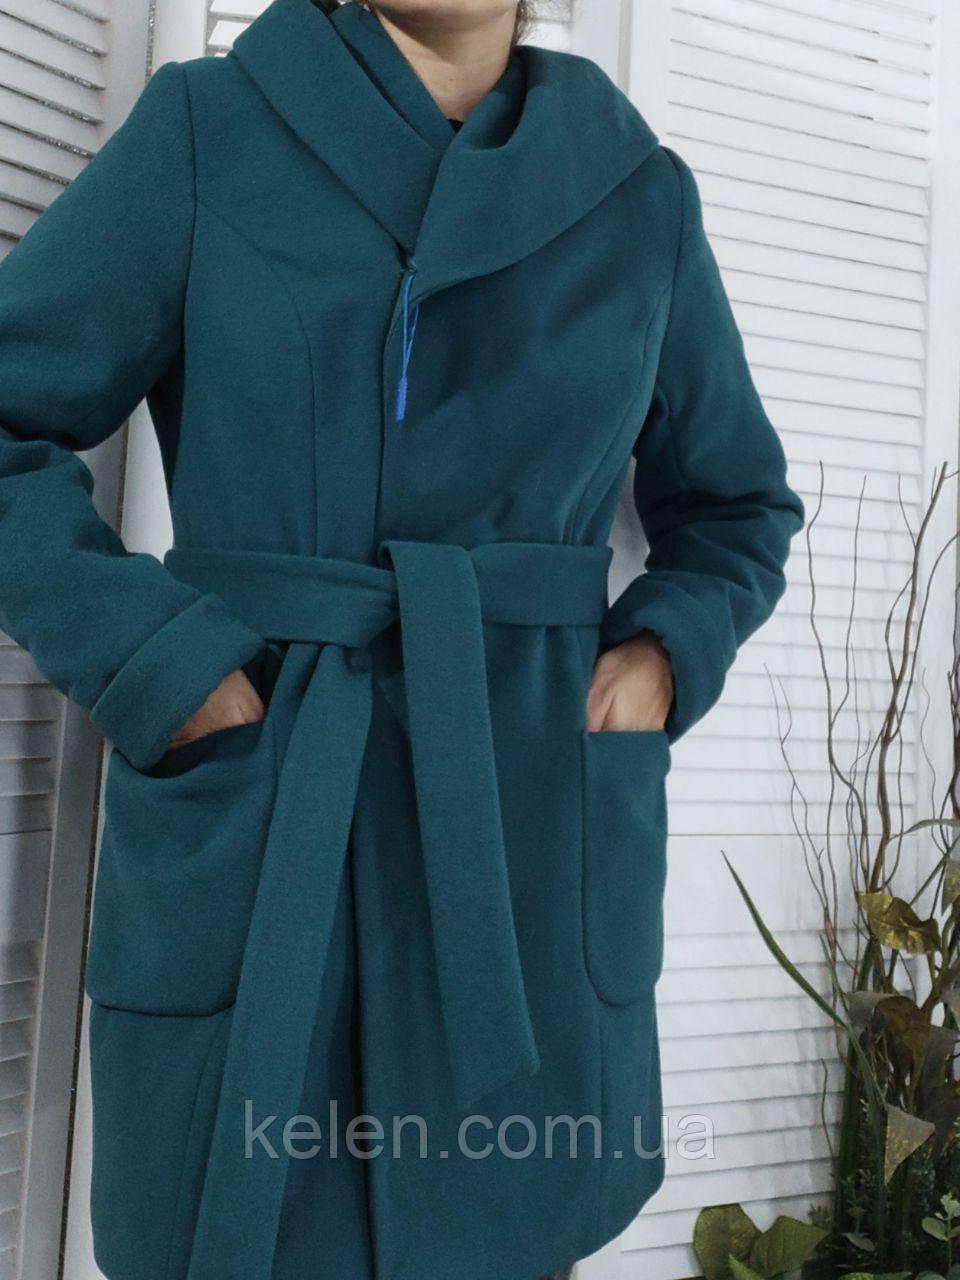 Женское пальто с капюшоном бутылочного цвета размер 48-50